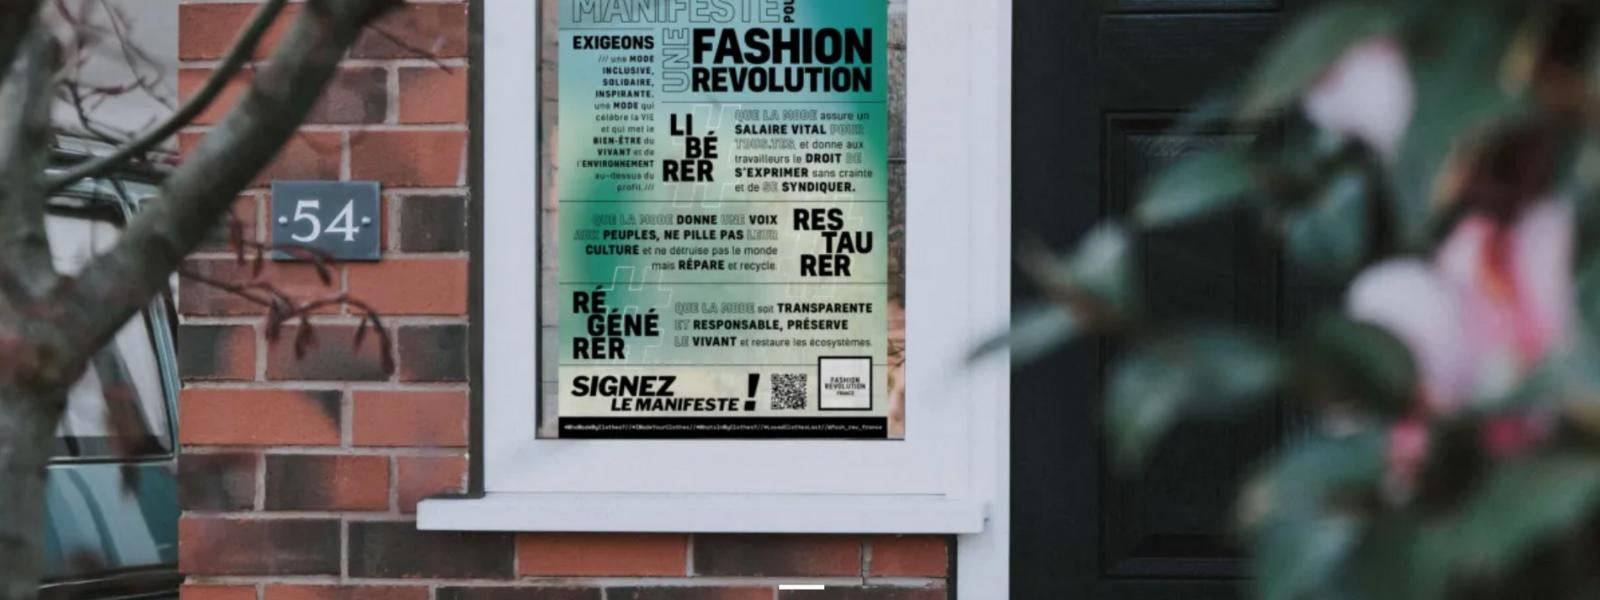 FASHION REVOLUTION : pour plus de transparence dans le secteur de la mode